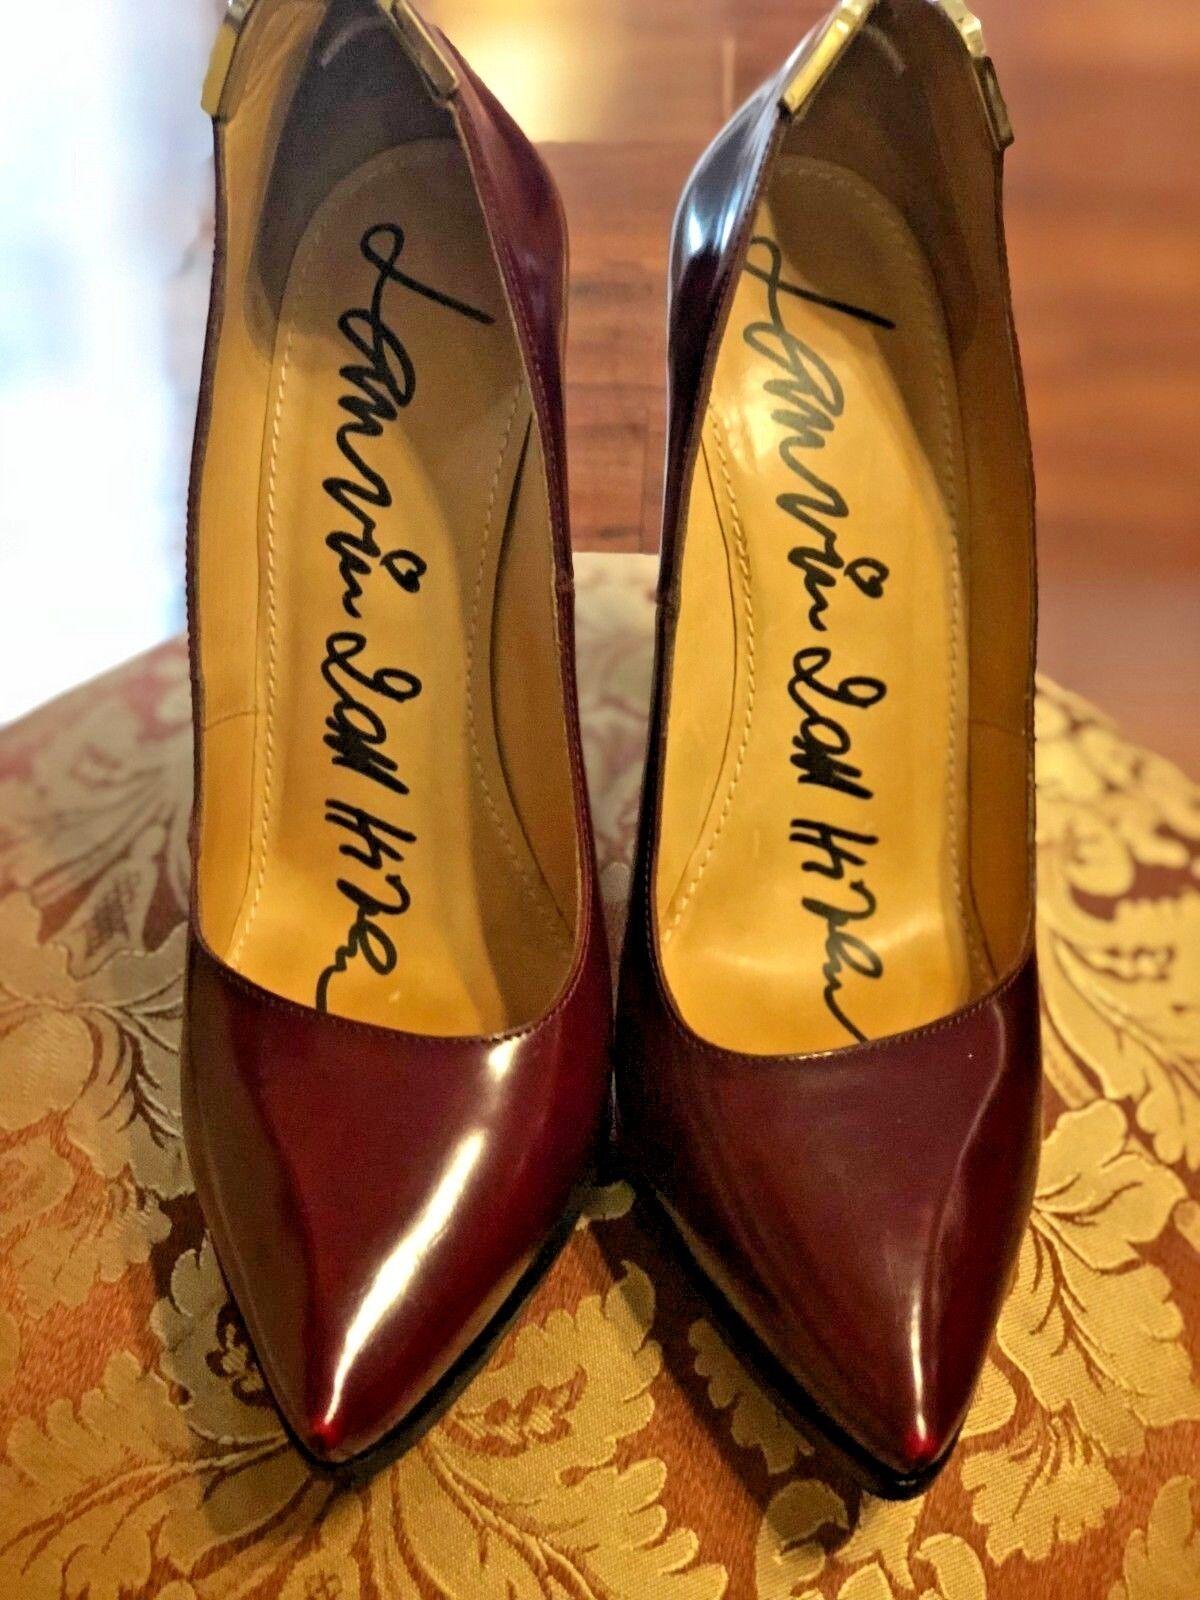 la migliore selezione di Lanvin Burgundy Leather Pointy Pointy Pointy Toe Stiletto Pumps - 39.5  all'ingrosso a buon mercato